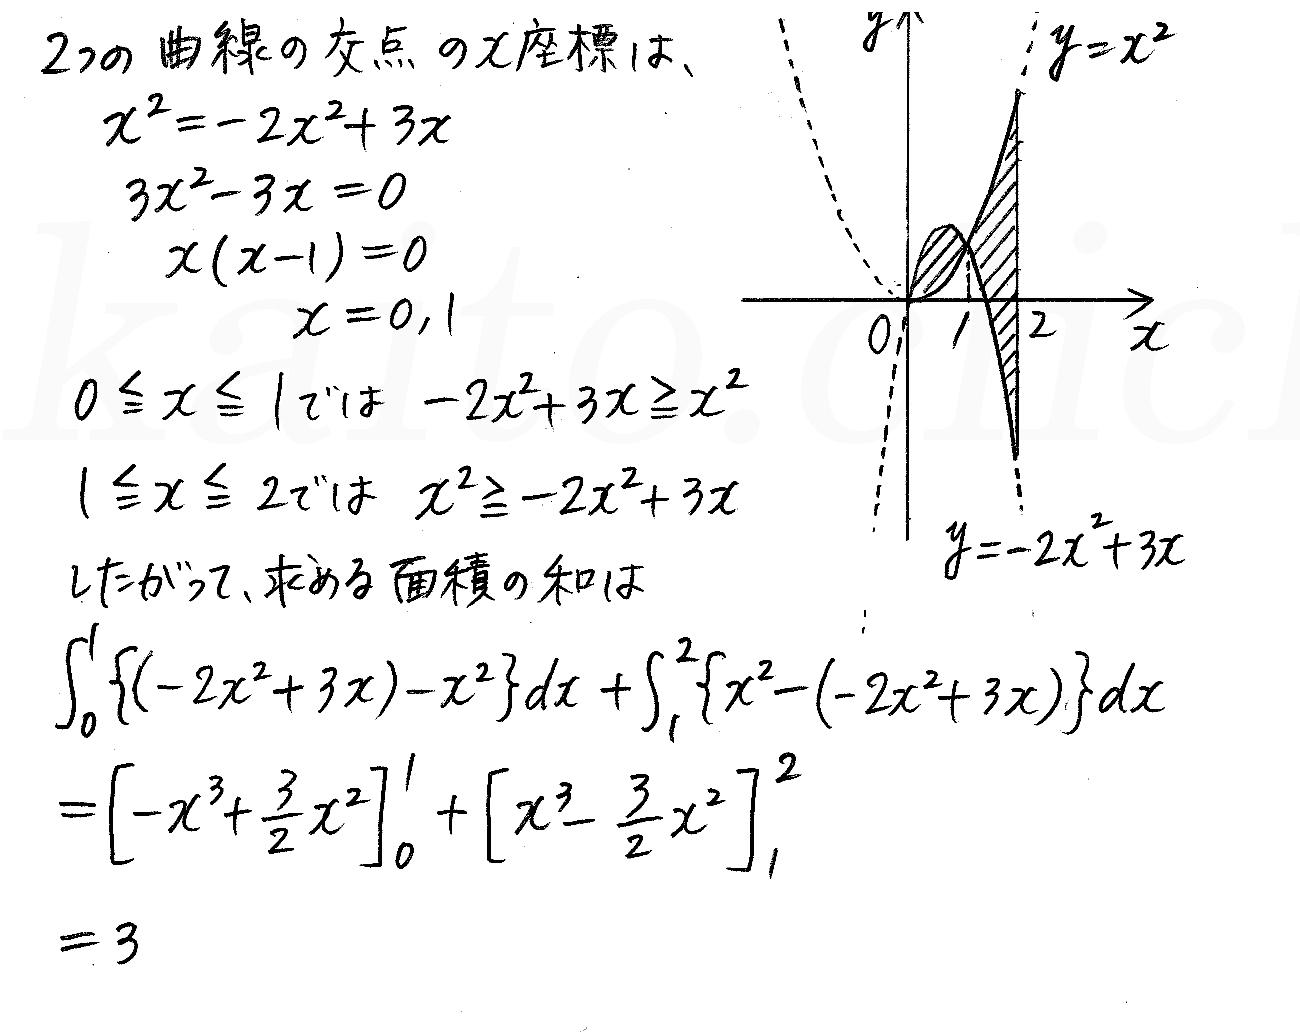 クリアー数学2-477解答